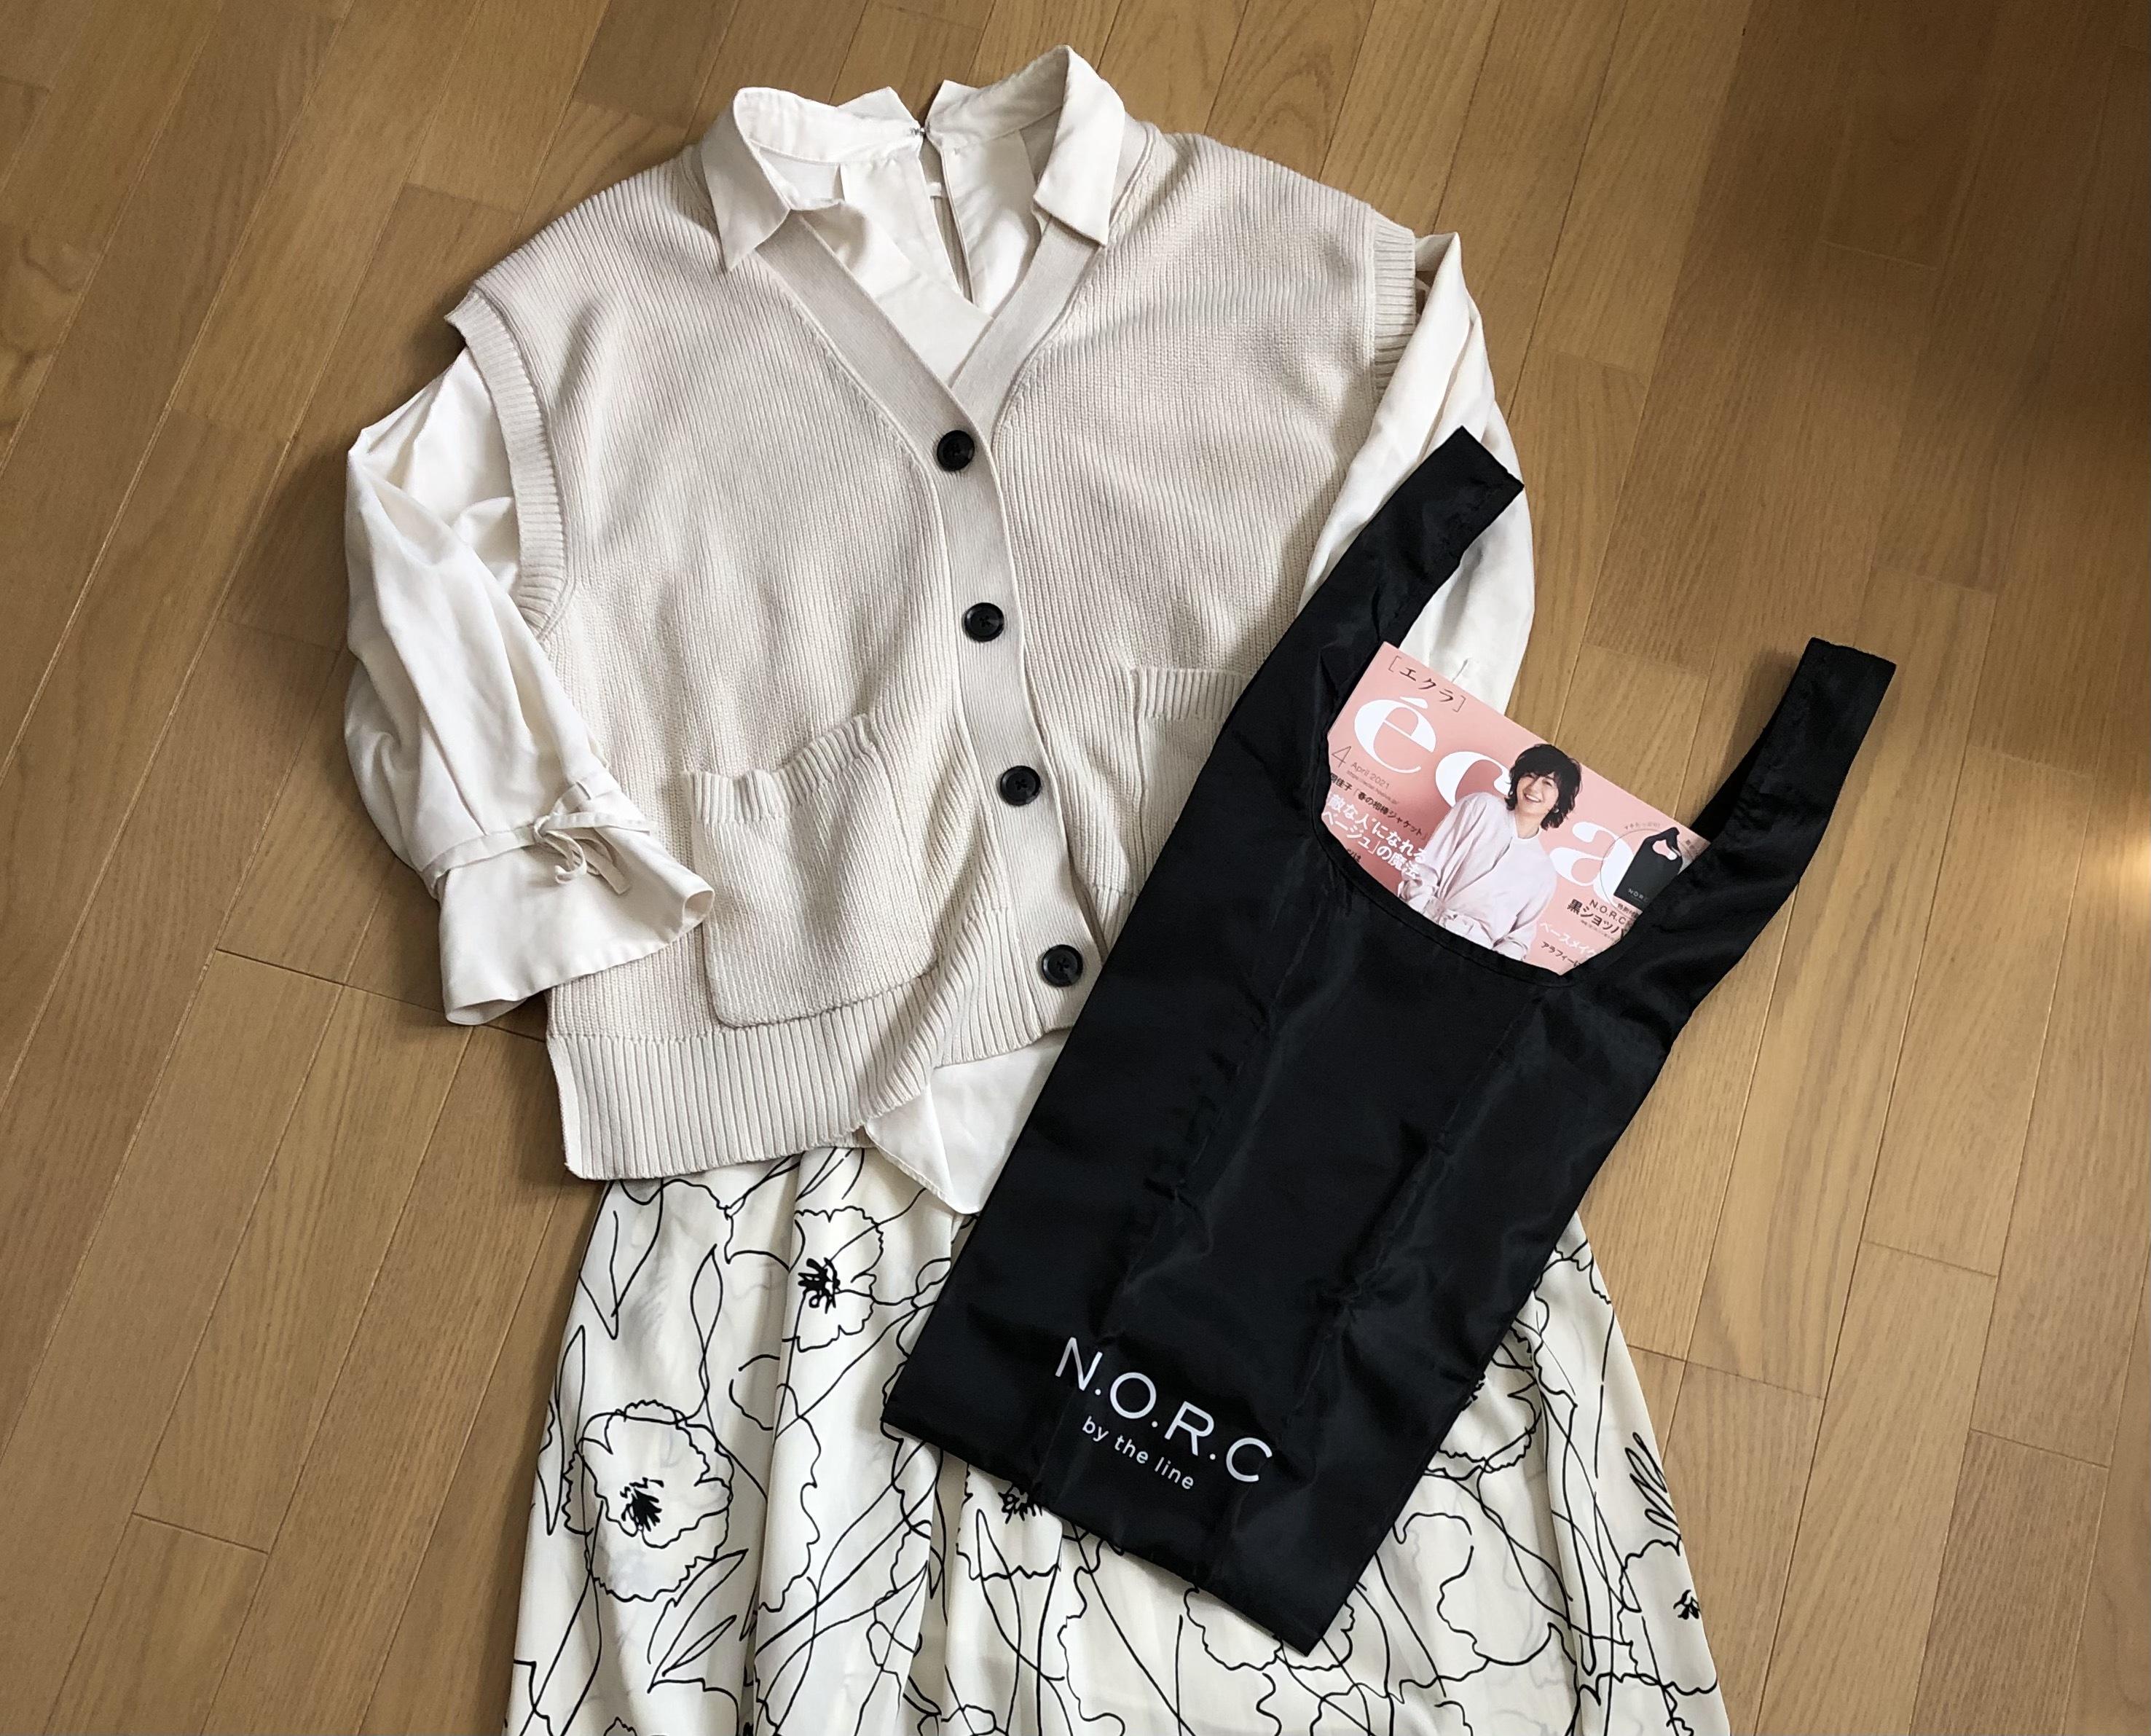 白色ブラウス 白色ニットベスト 白地に黒の模様ロングスカート ショッパーバッグを持って立つ女性 斜め姿